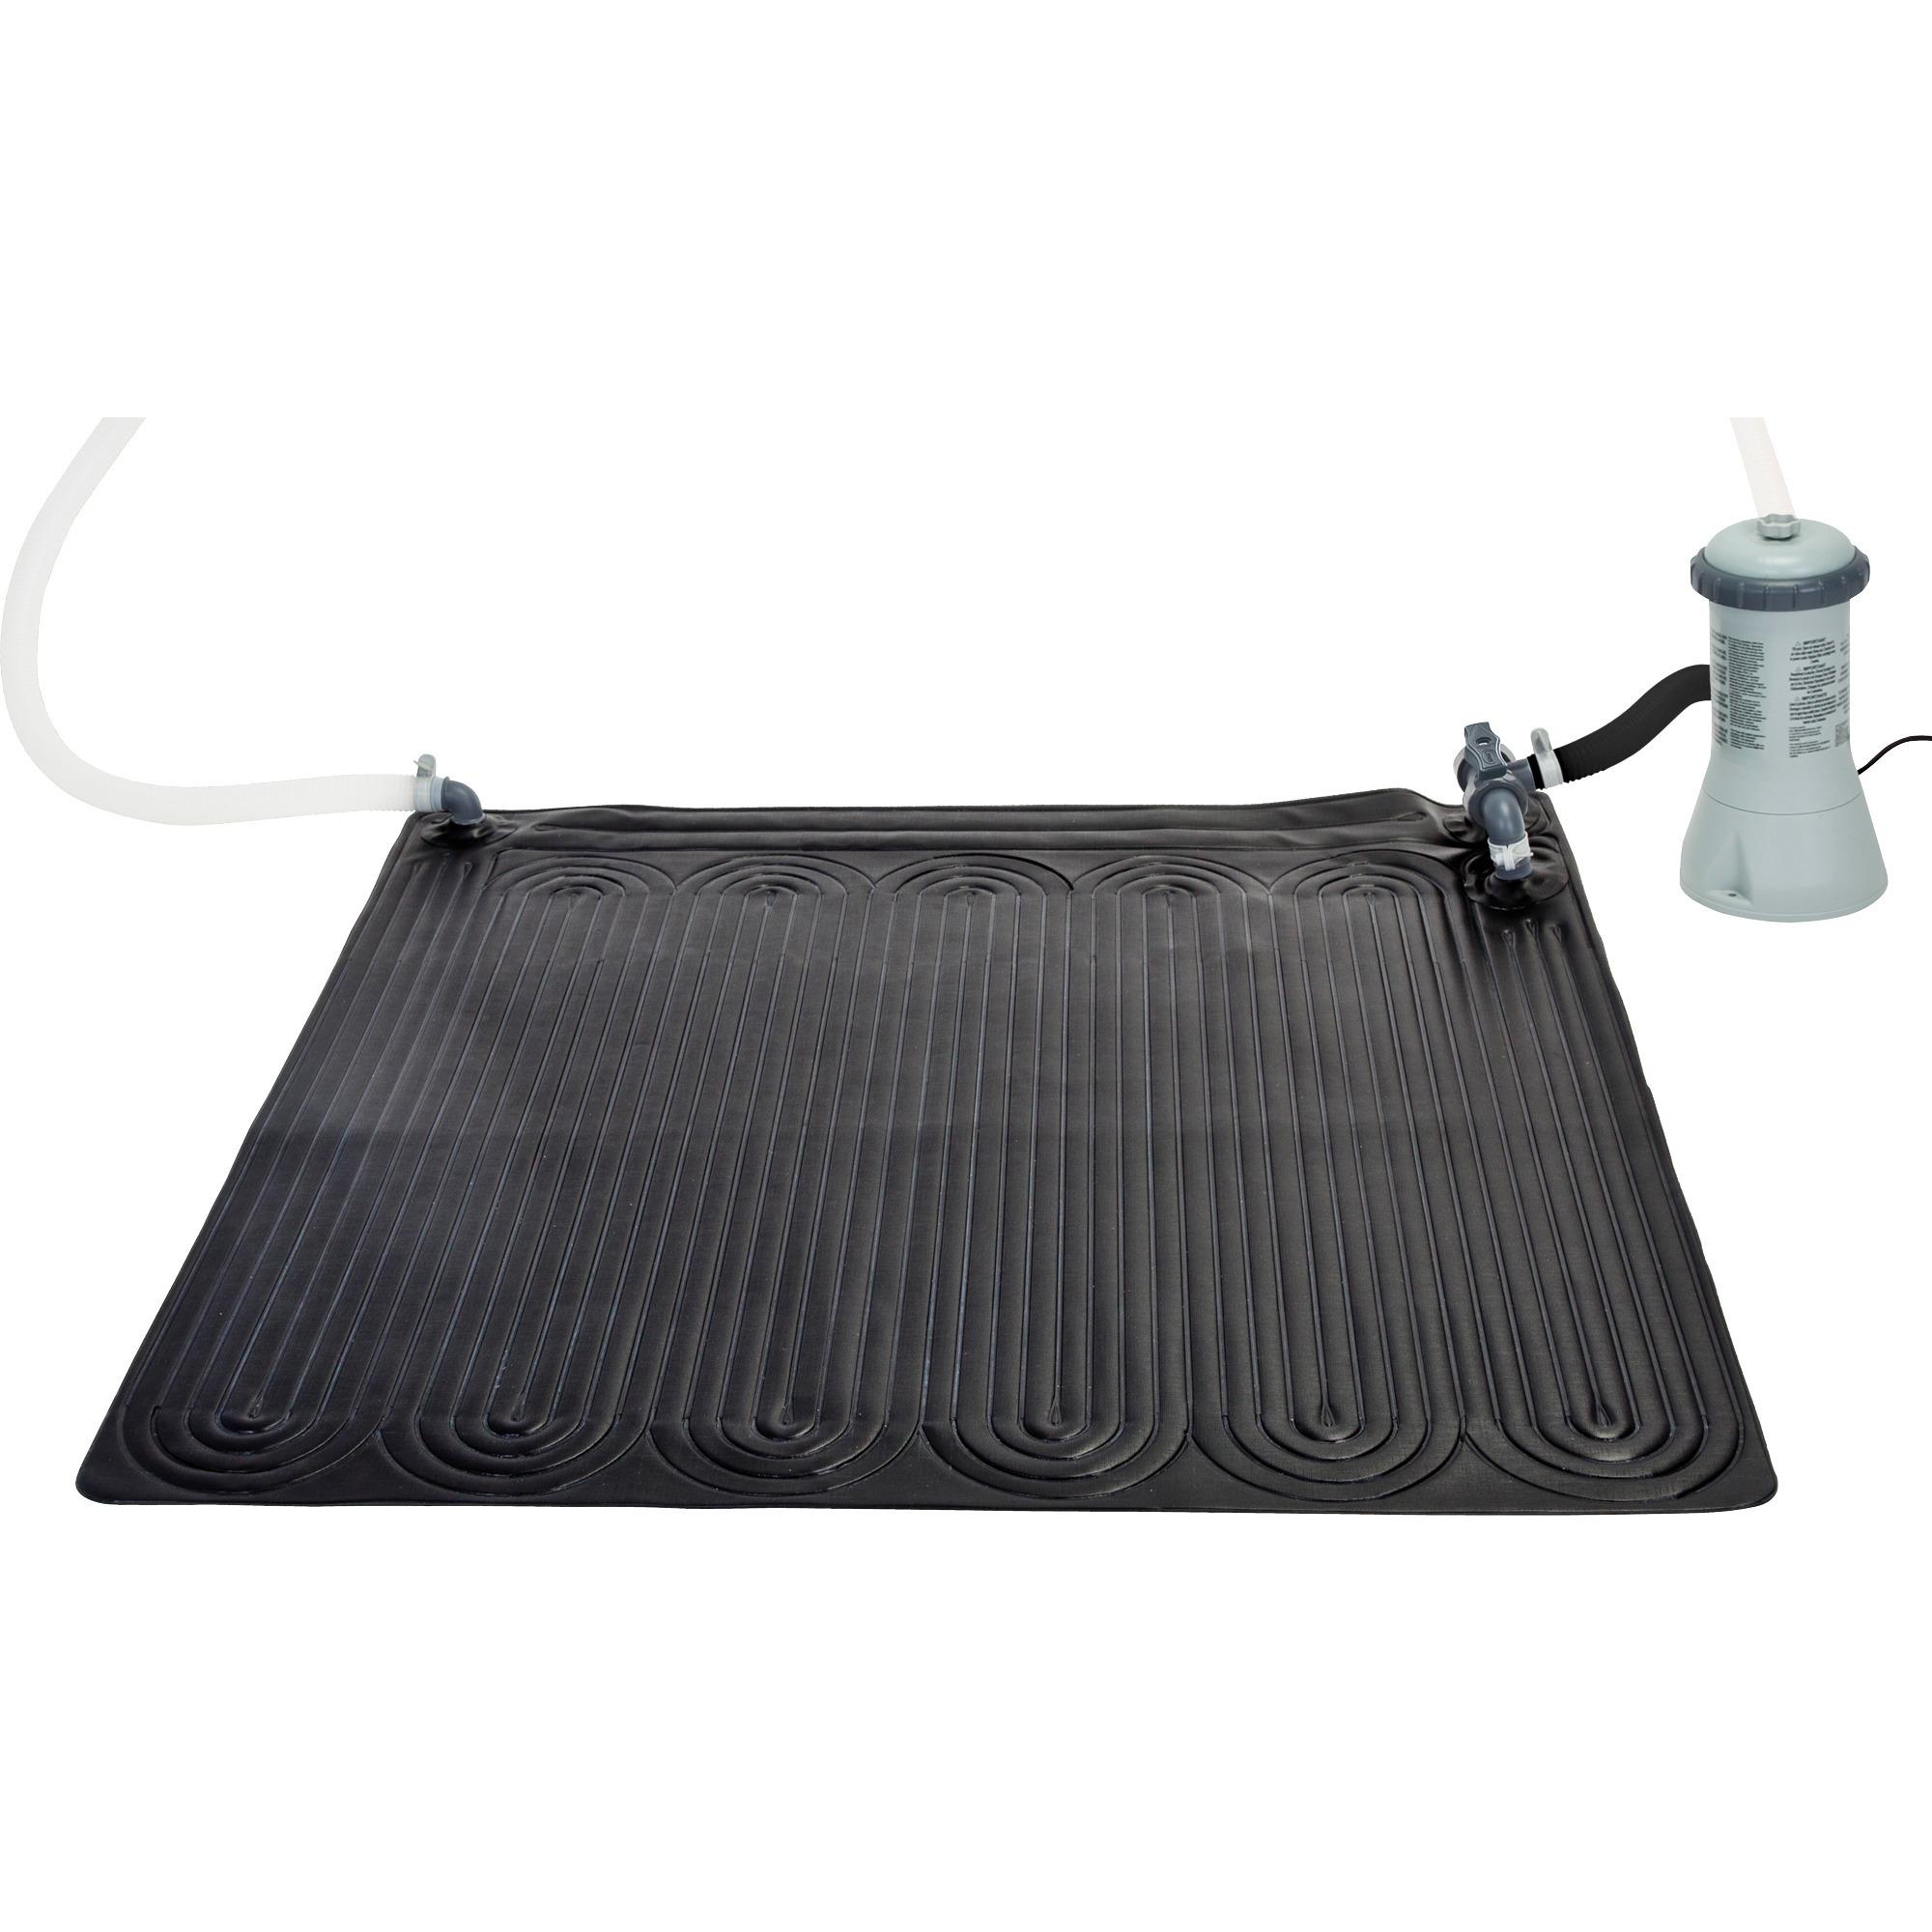 28685 calentador para piscina Solar pool heater, Calefacción